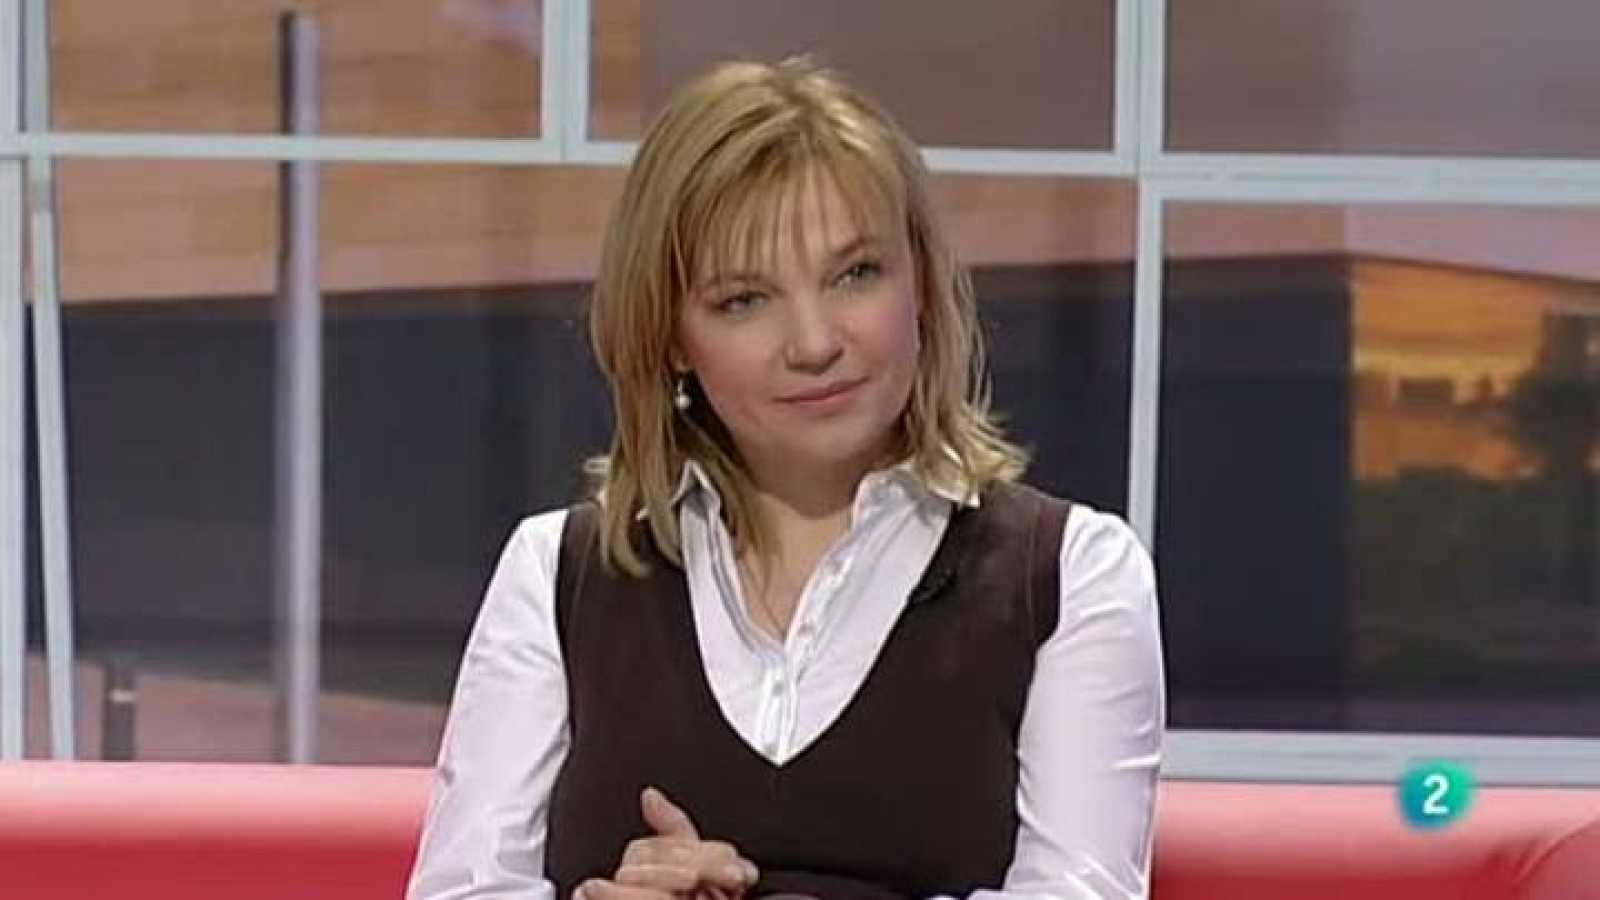 Para todos los públicos Para todos La 2 - Inteligencia digestiva -  Entrevista con Irina Matveikova reproducir video